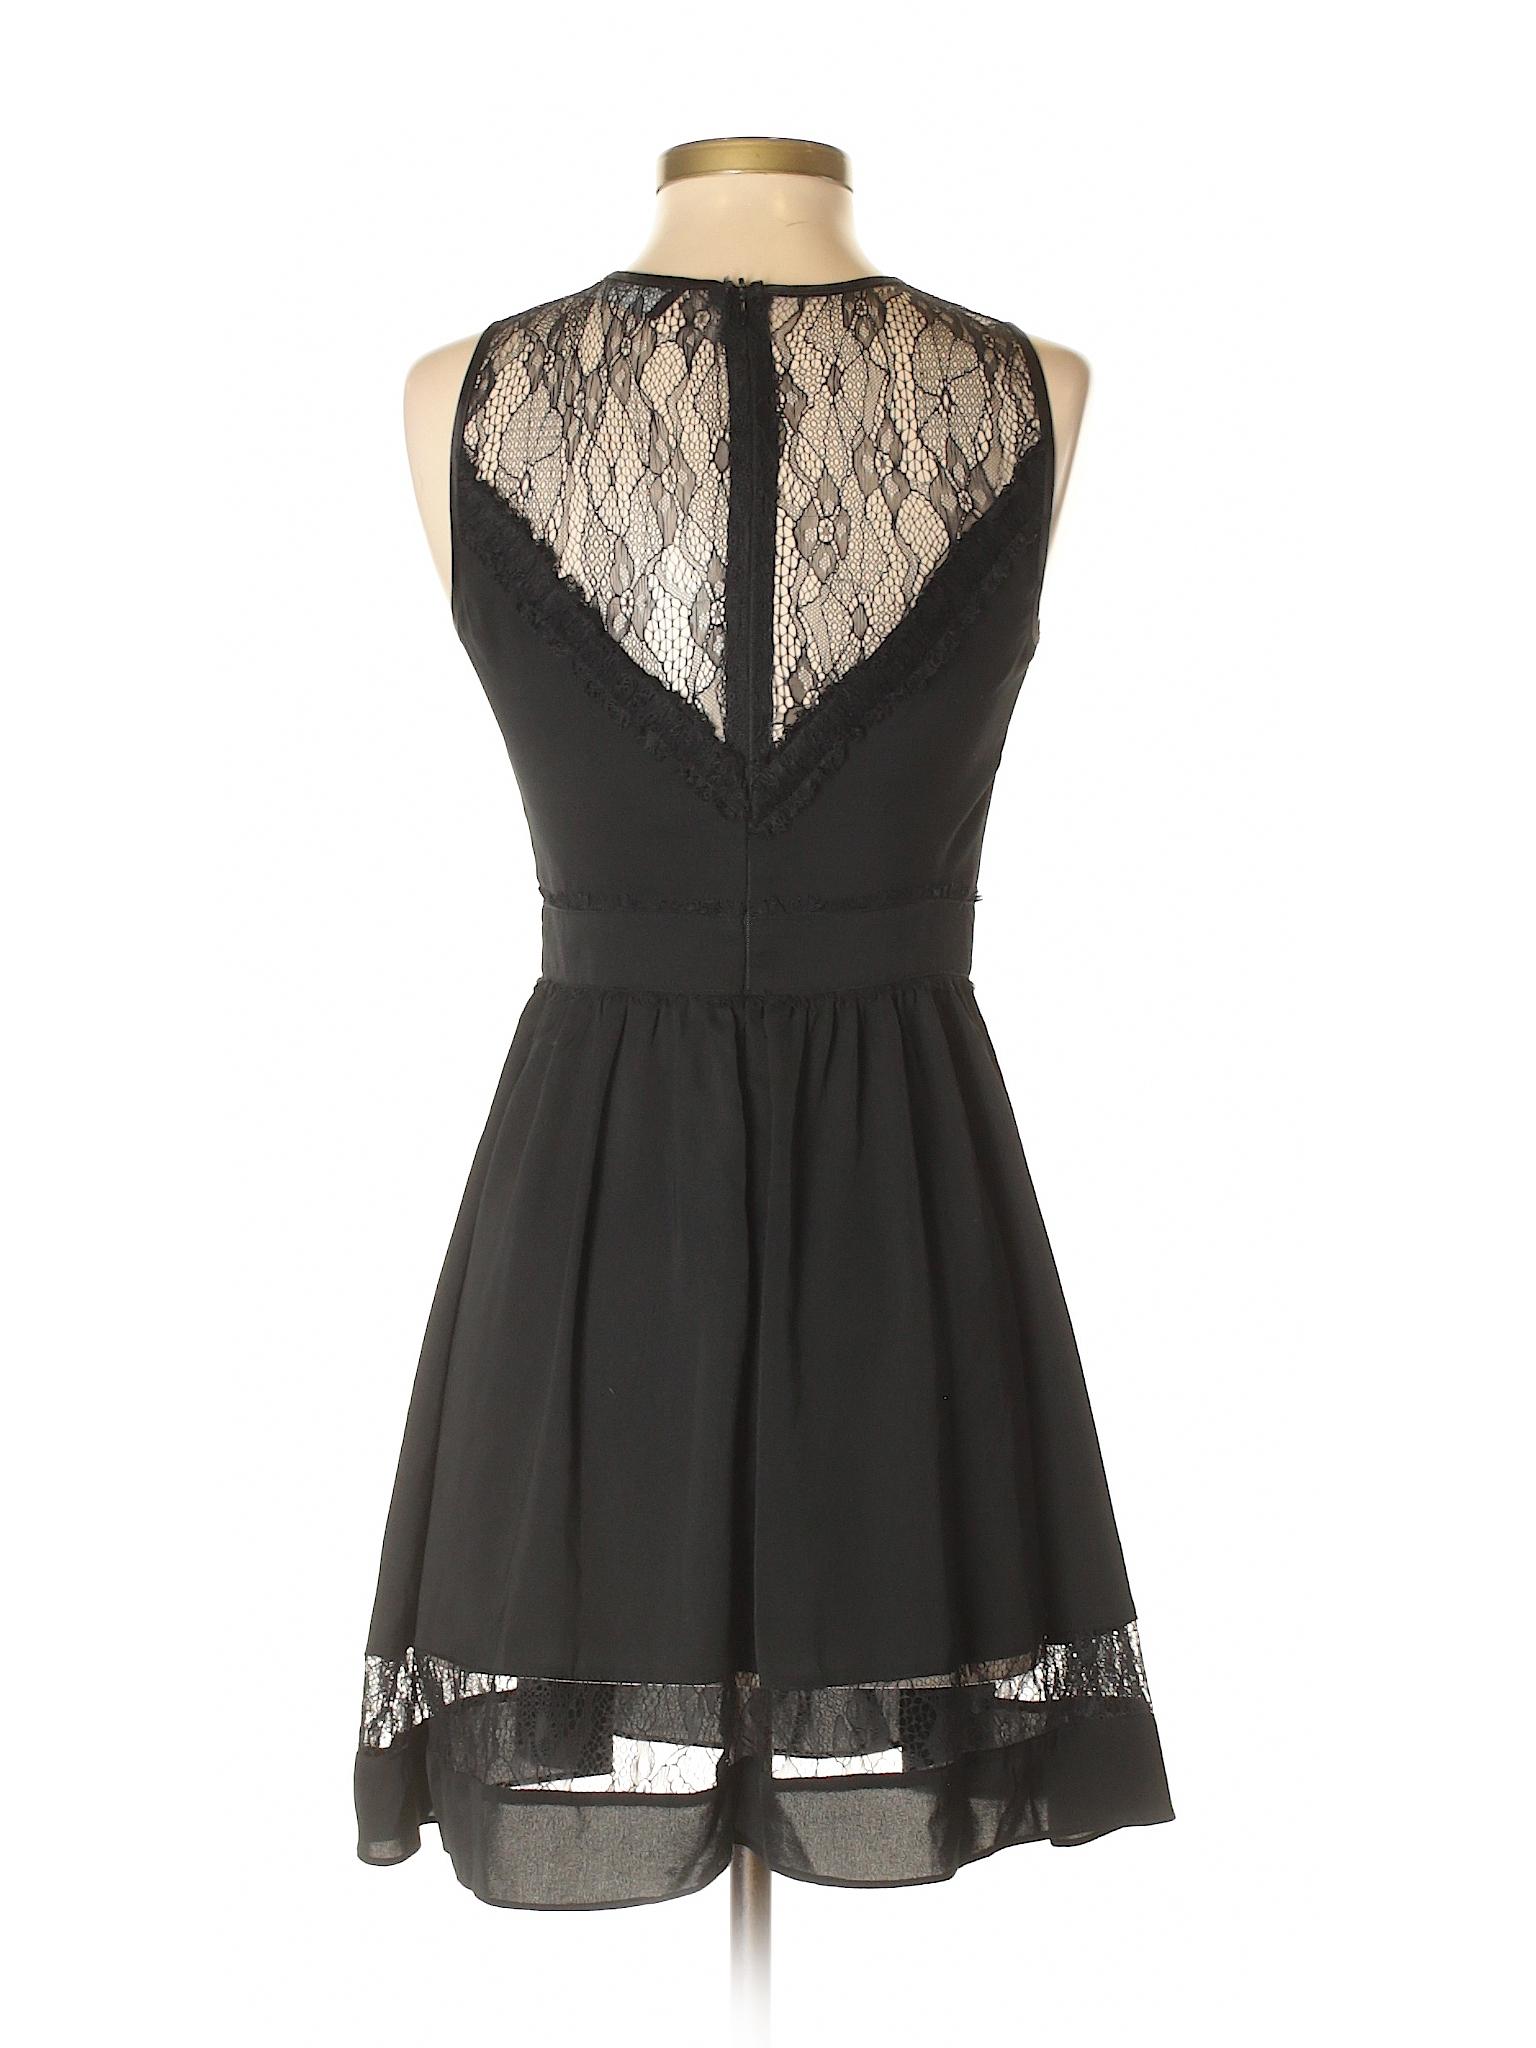 Dress Label Cocktail Black Boutique winter Akira Chicago wqpx60Y